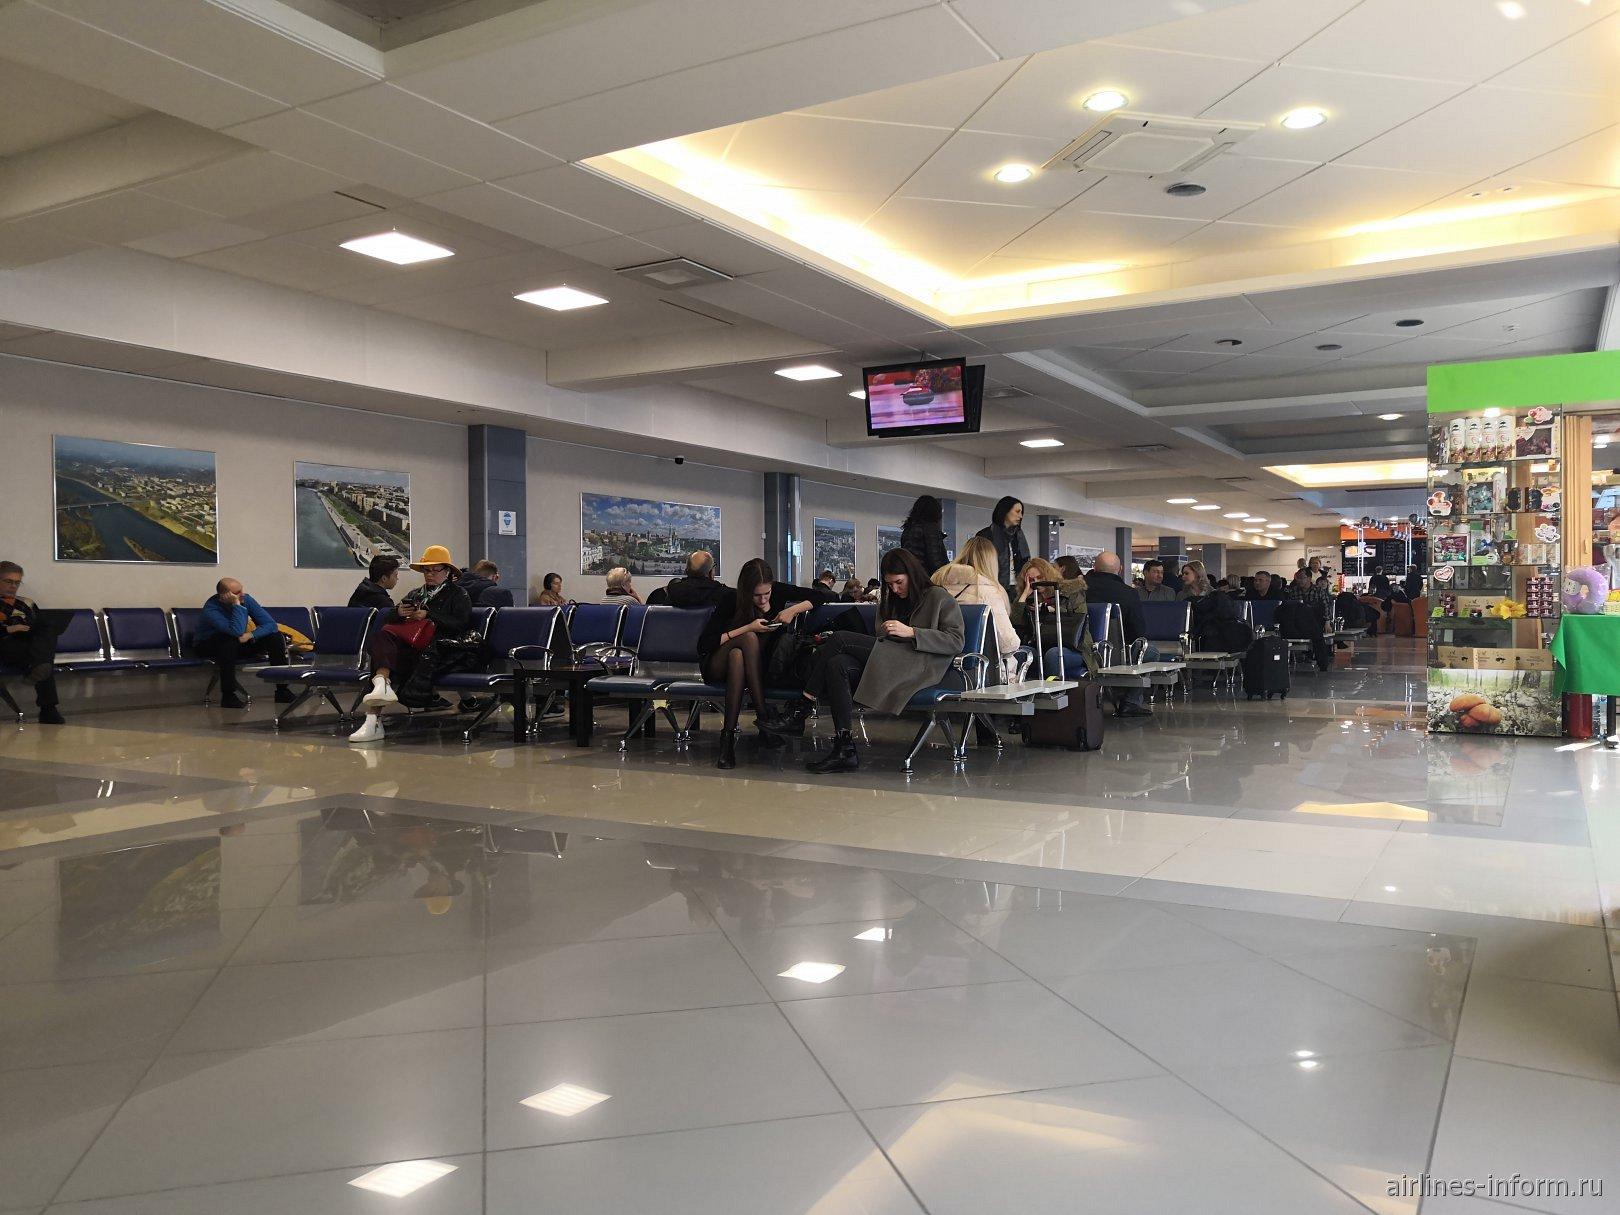 Зал ожидания в чистой зоне аэропорта Омск